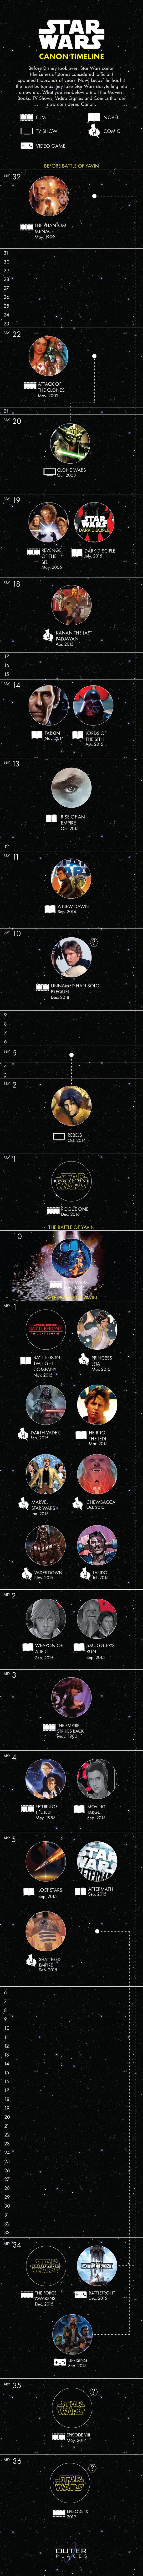 Línea de tiempo con todas las películas, libros, juegos, comics y series de Star Wars